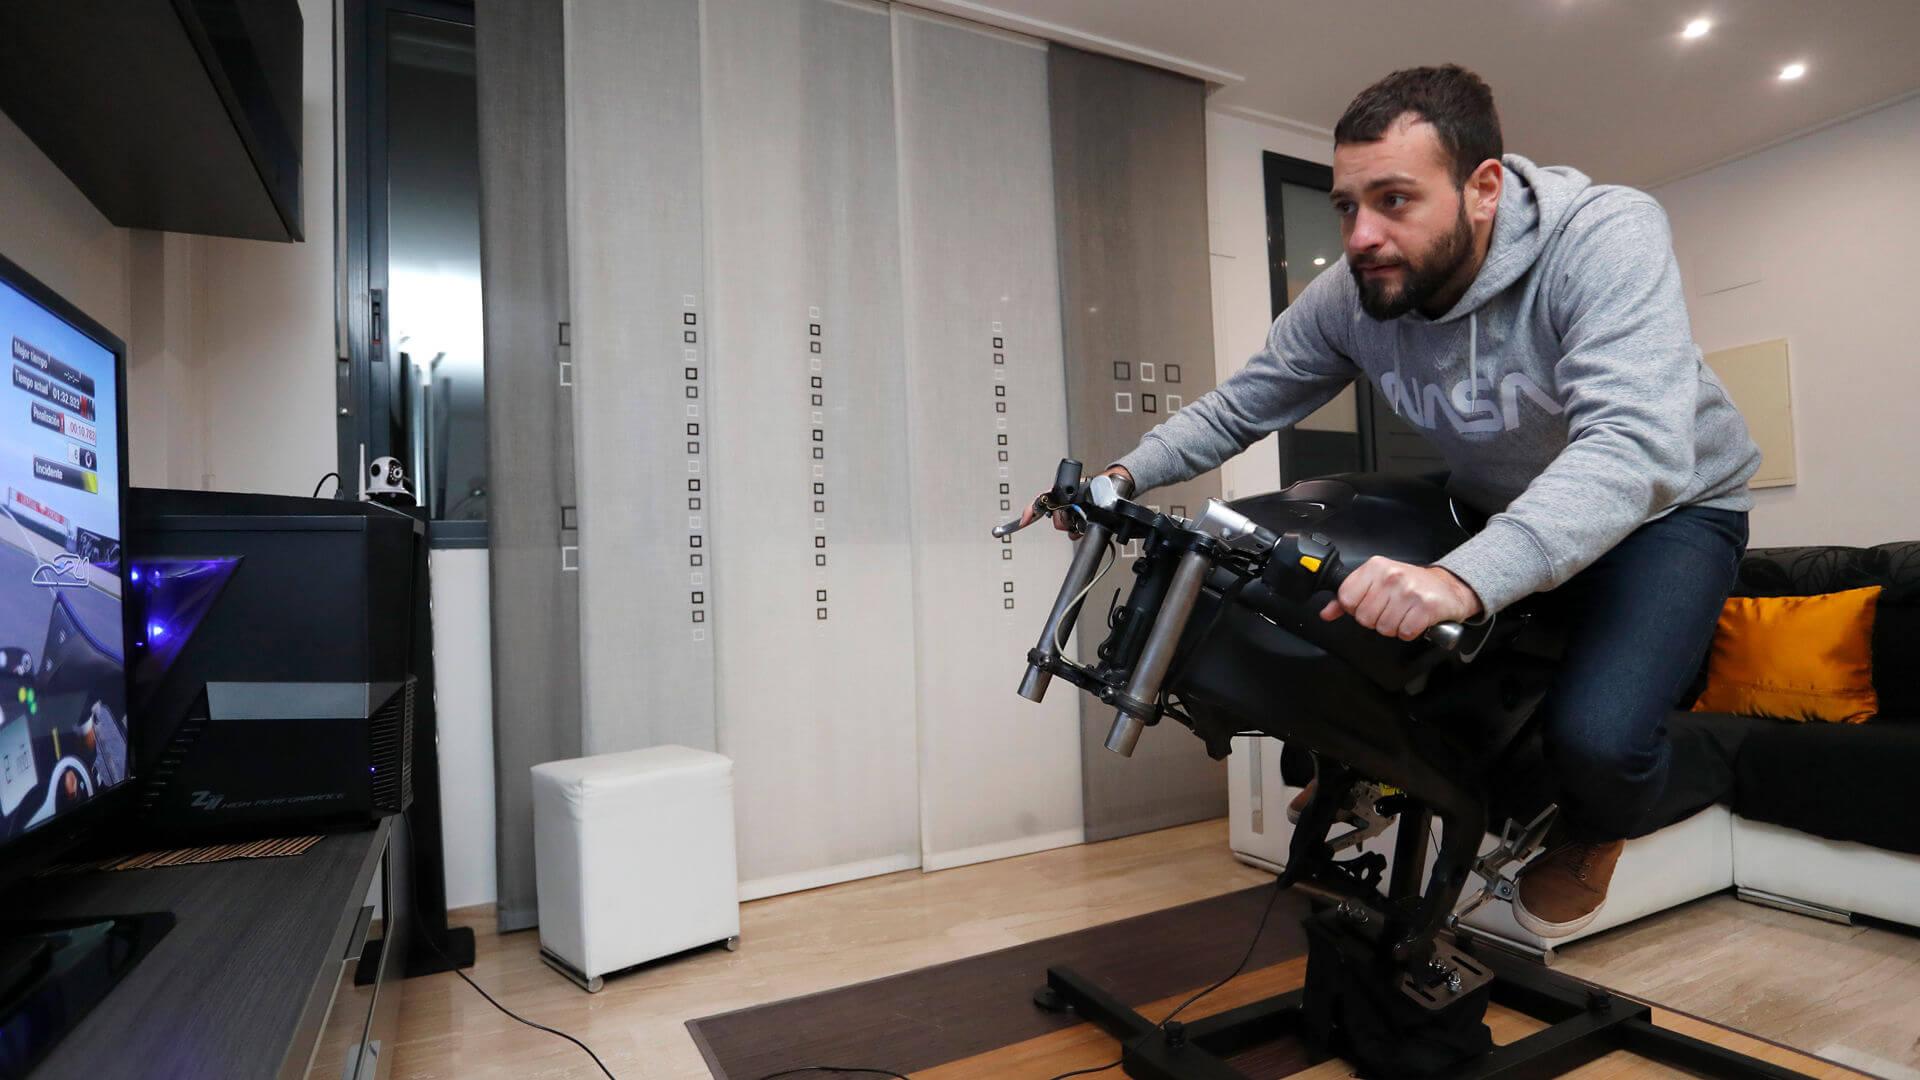 home page officielle du simulateur de moto pour la maison leangp. Black Bedroom Furniture Sets. Home Design Ideas